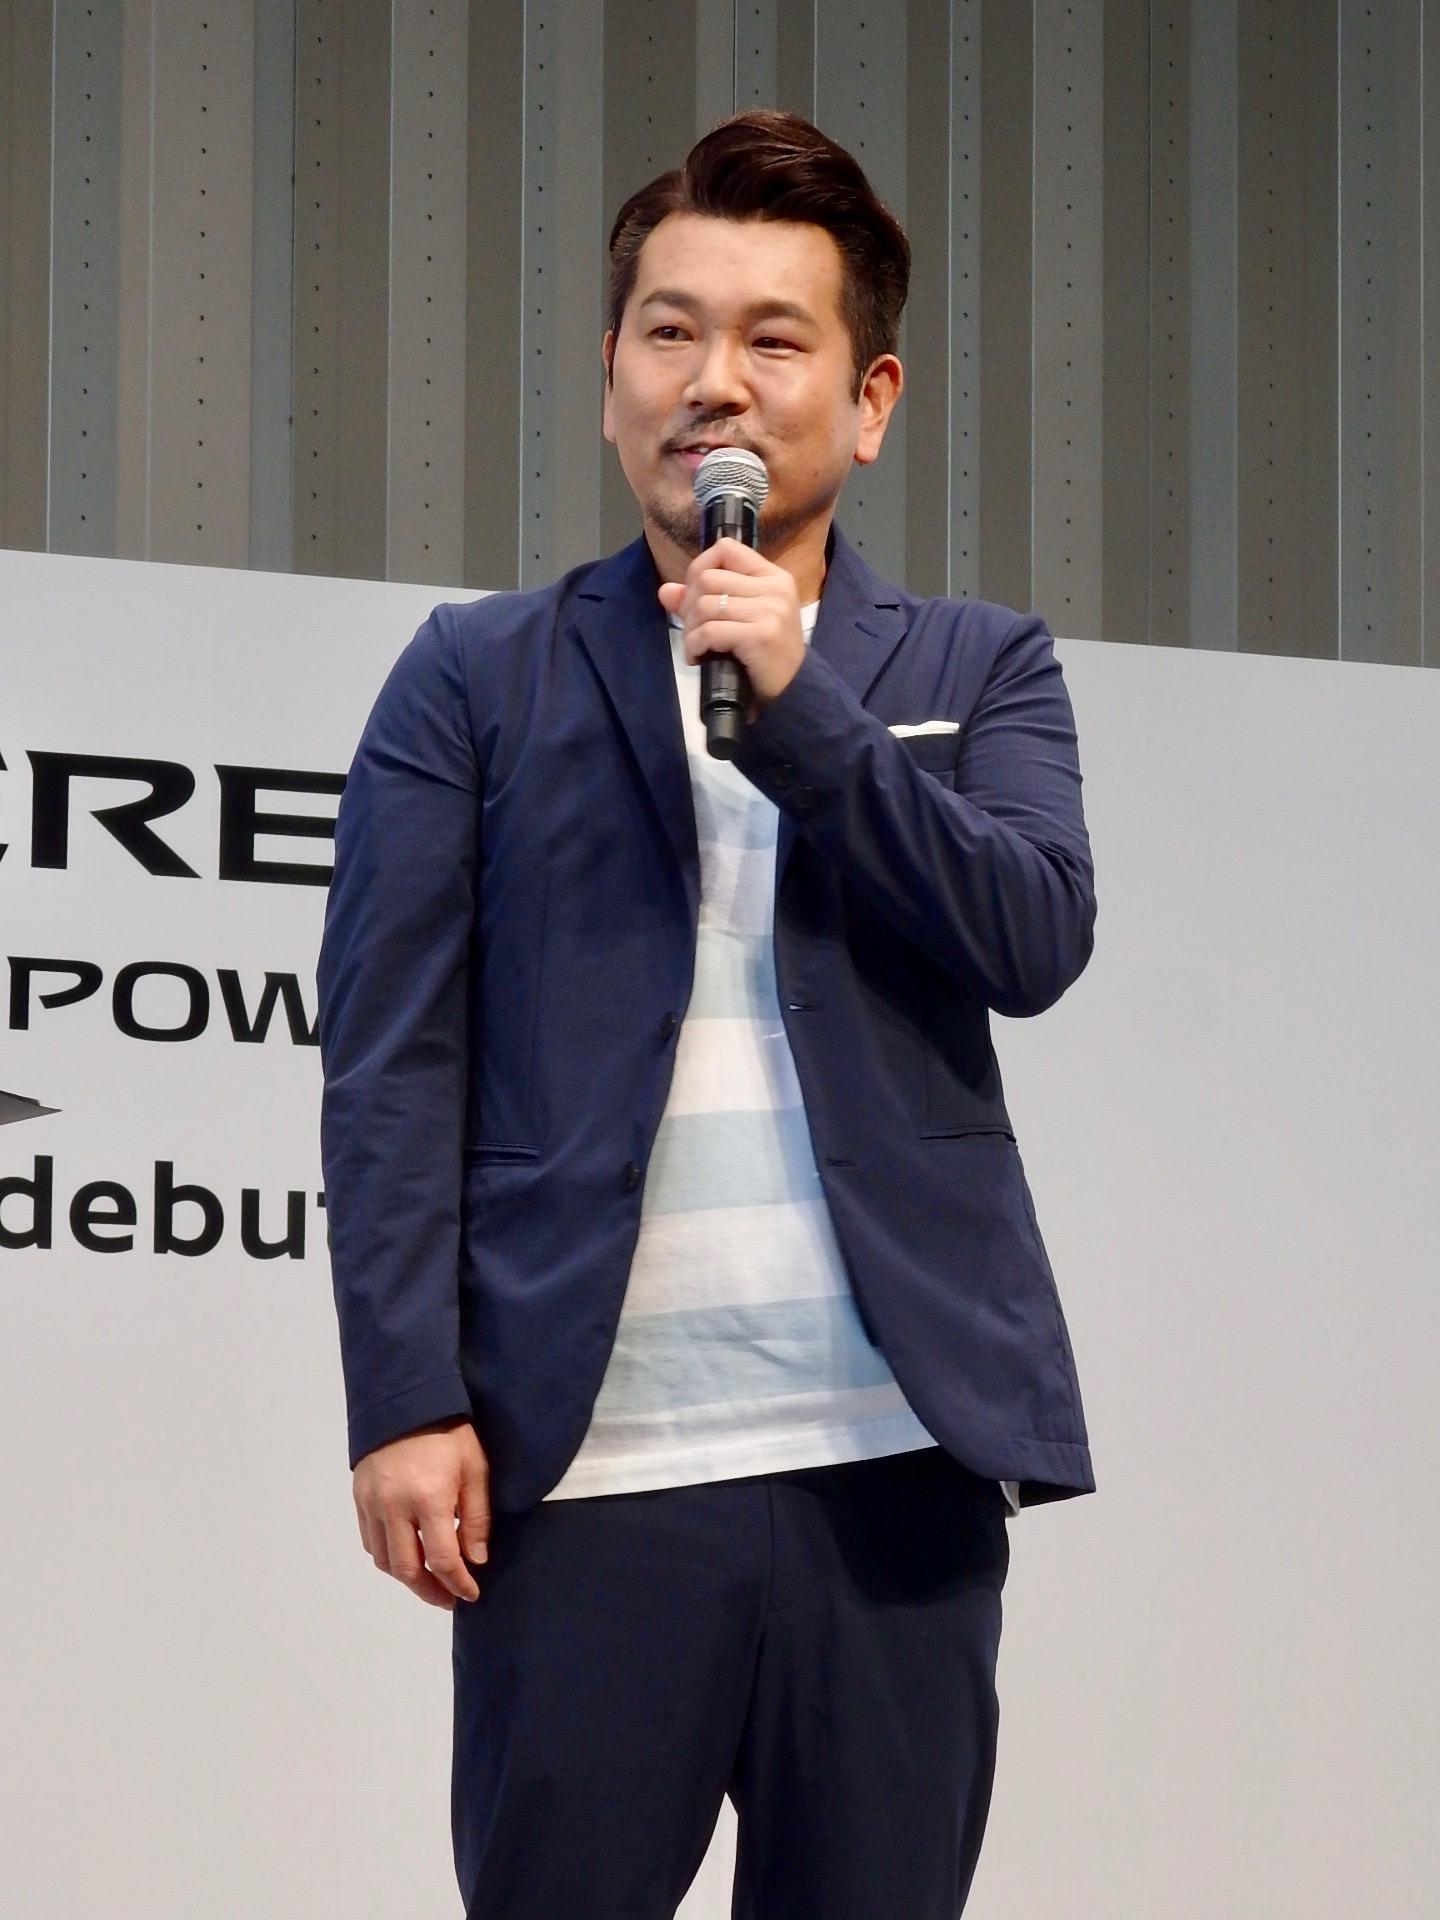 http://news.yoshimoto.co.jp/20180228184435-8c363296103c420382c9d6dc9d0b145e079fc4b9.jpg